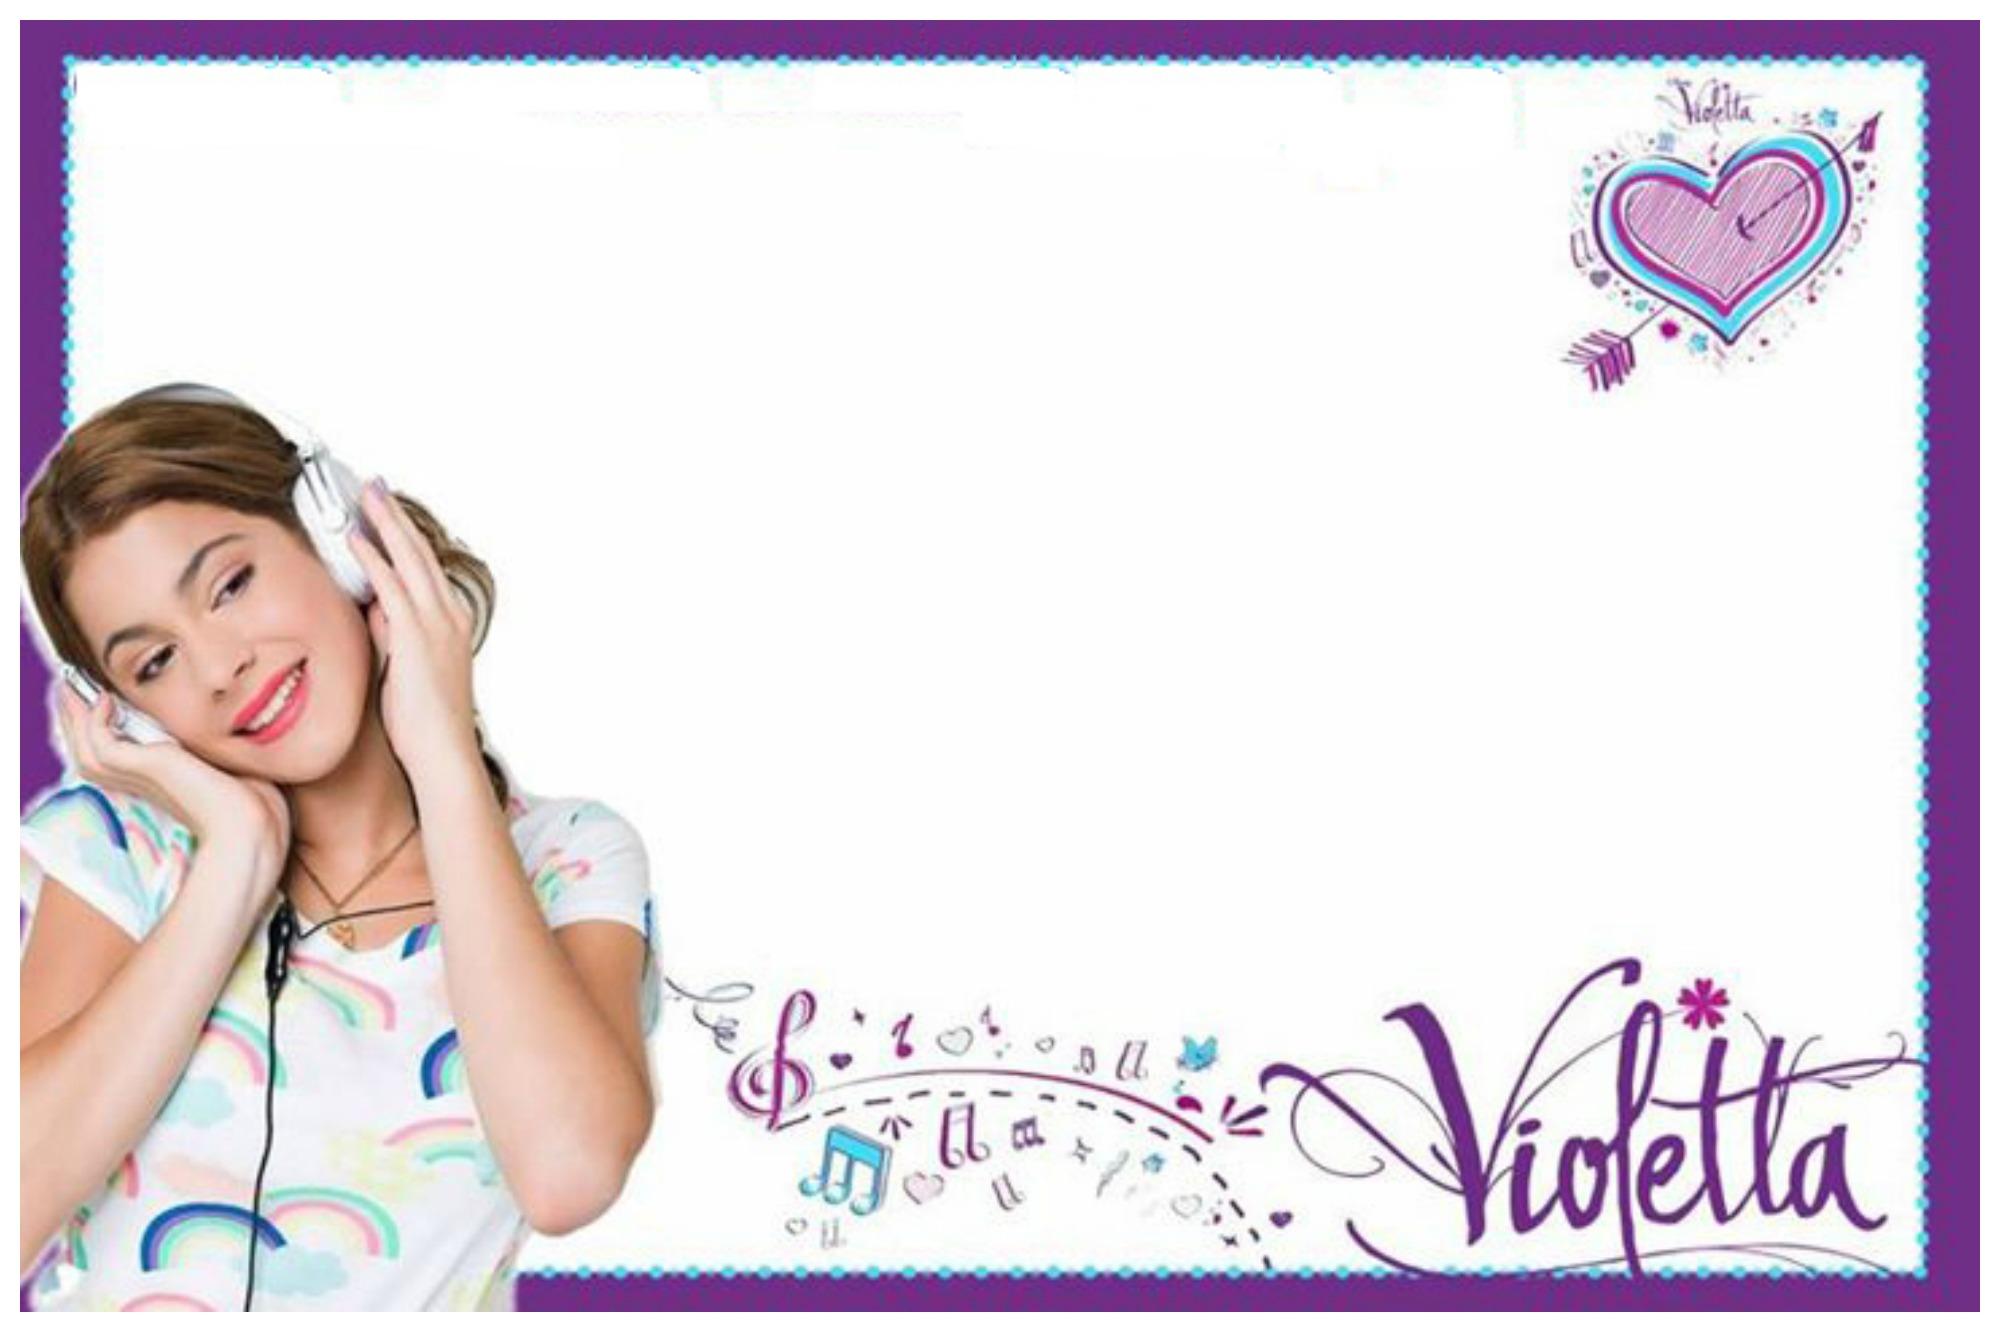 fotos de violetta 13